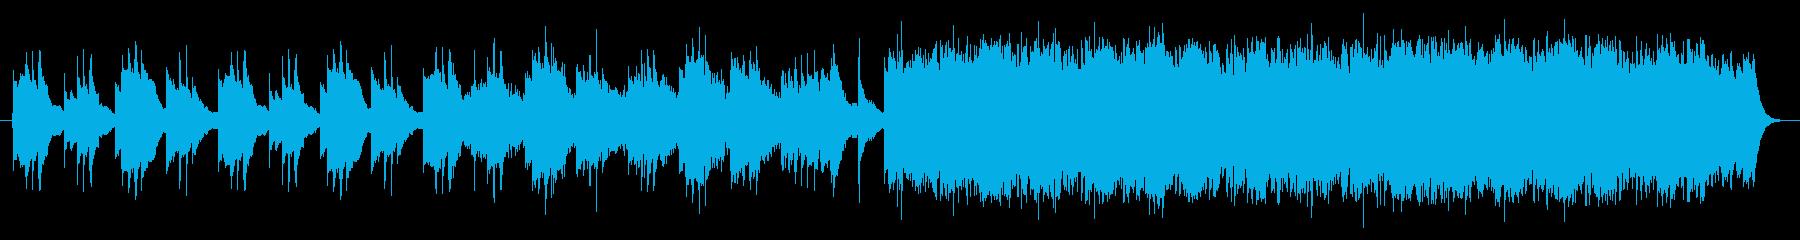 感動 バラードの再生済みの波形